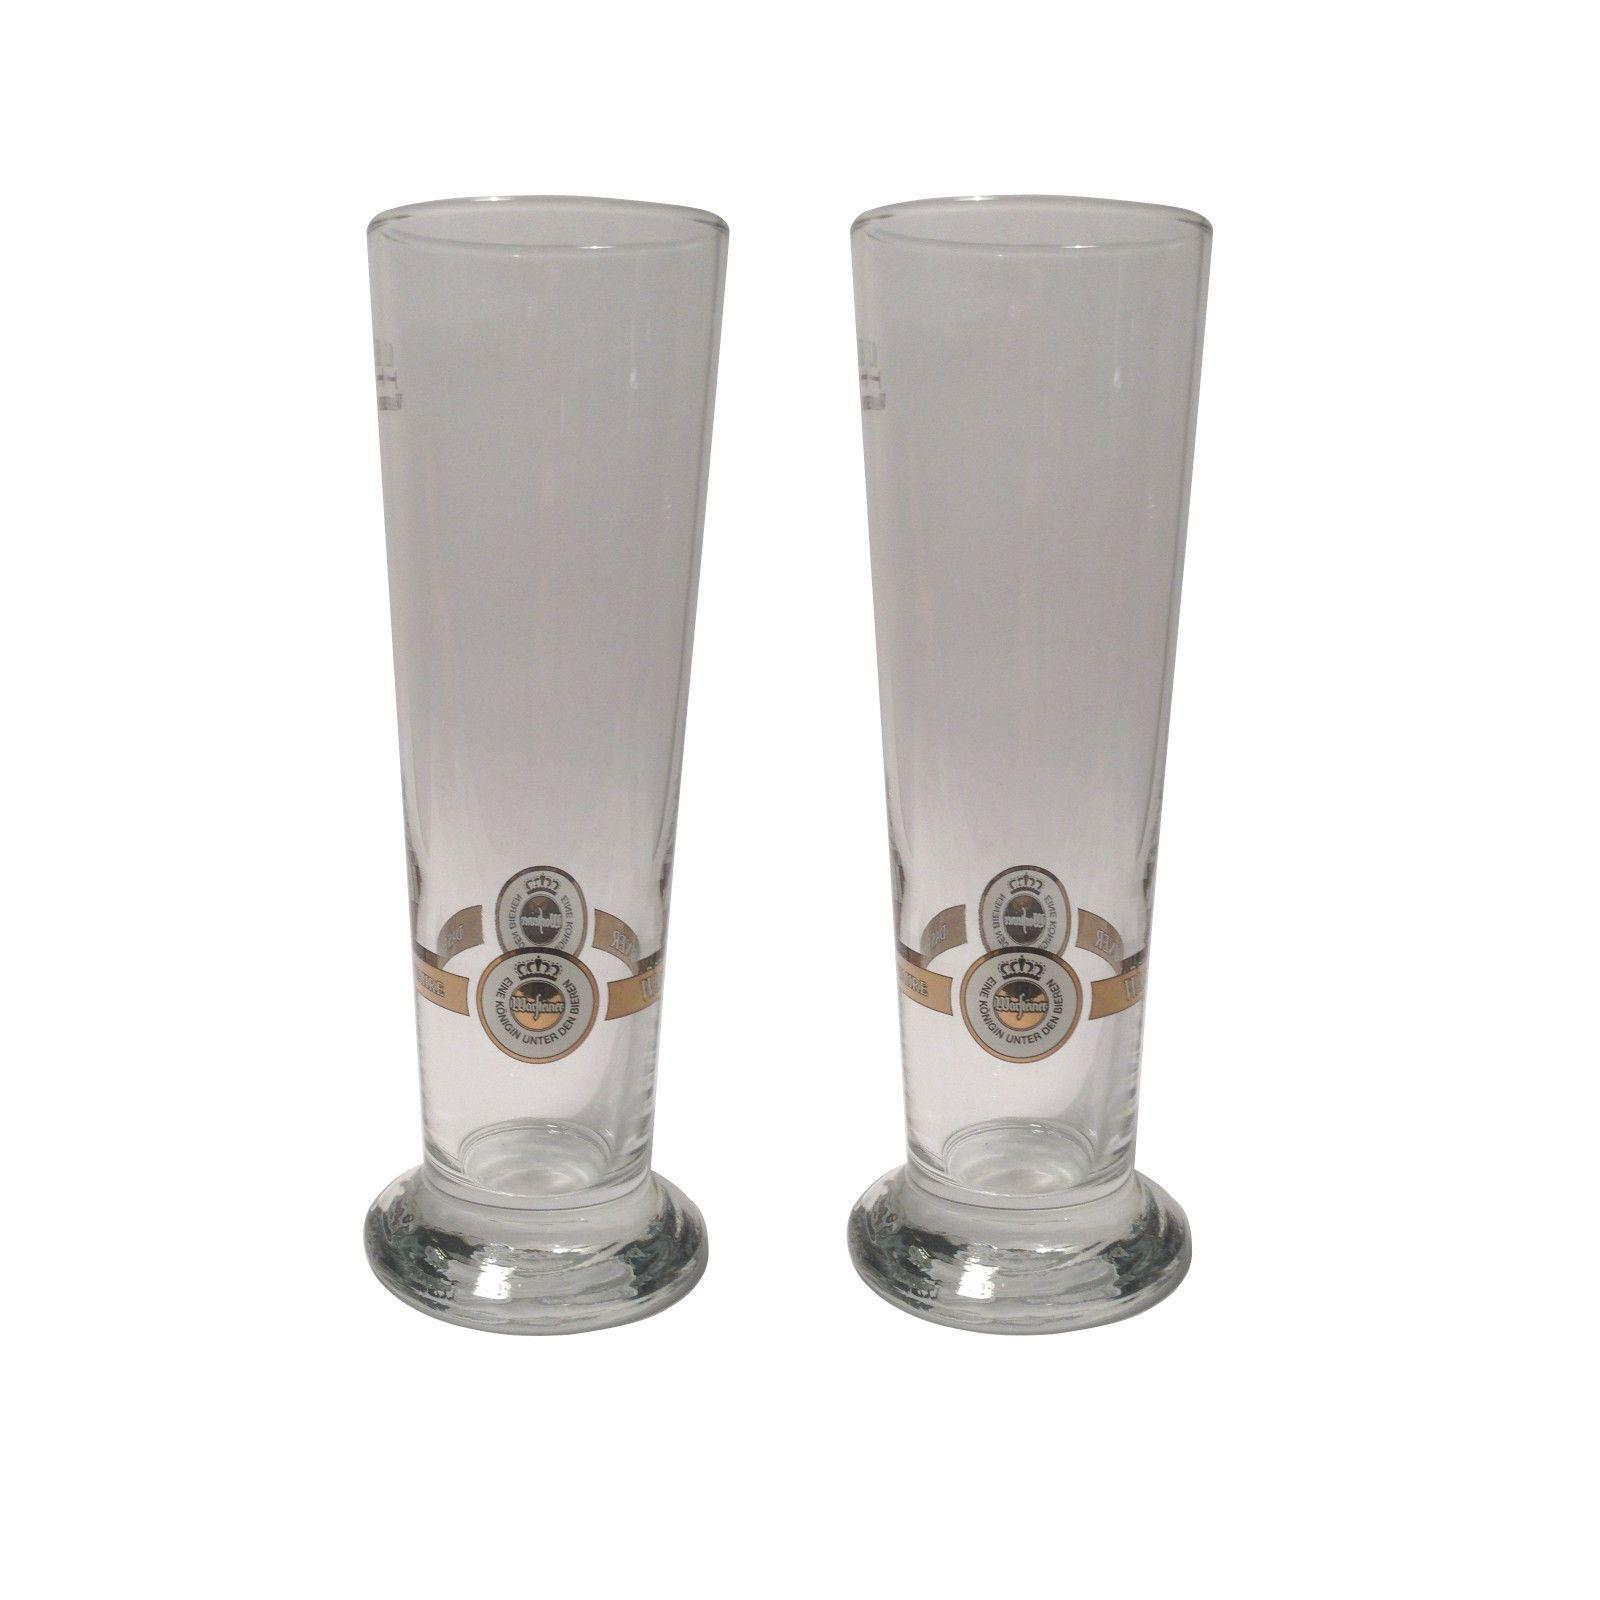 Details about Dom Kolsch - set of 2 - German Beer Glasses ...